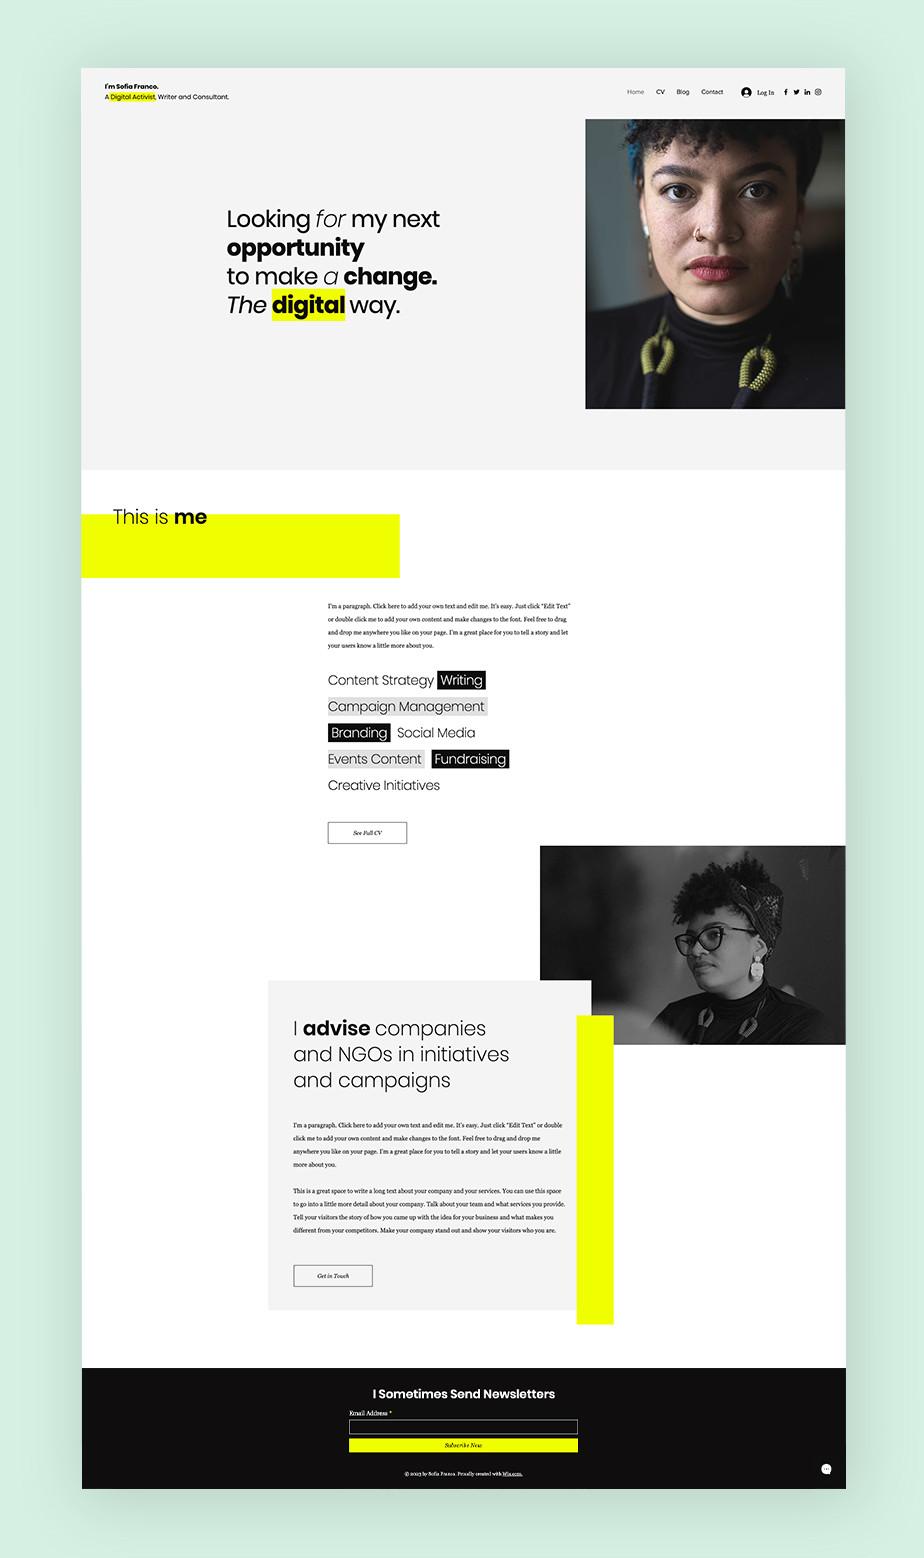 민트색과 형광 라임 색으로 모던한 패턴을 갖춘 이력서 웹사이트 이미지